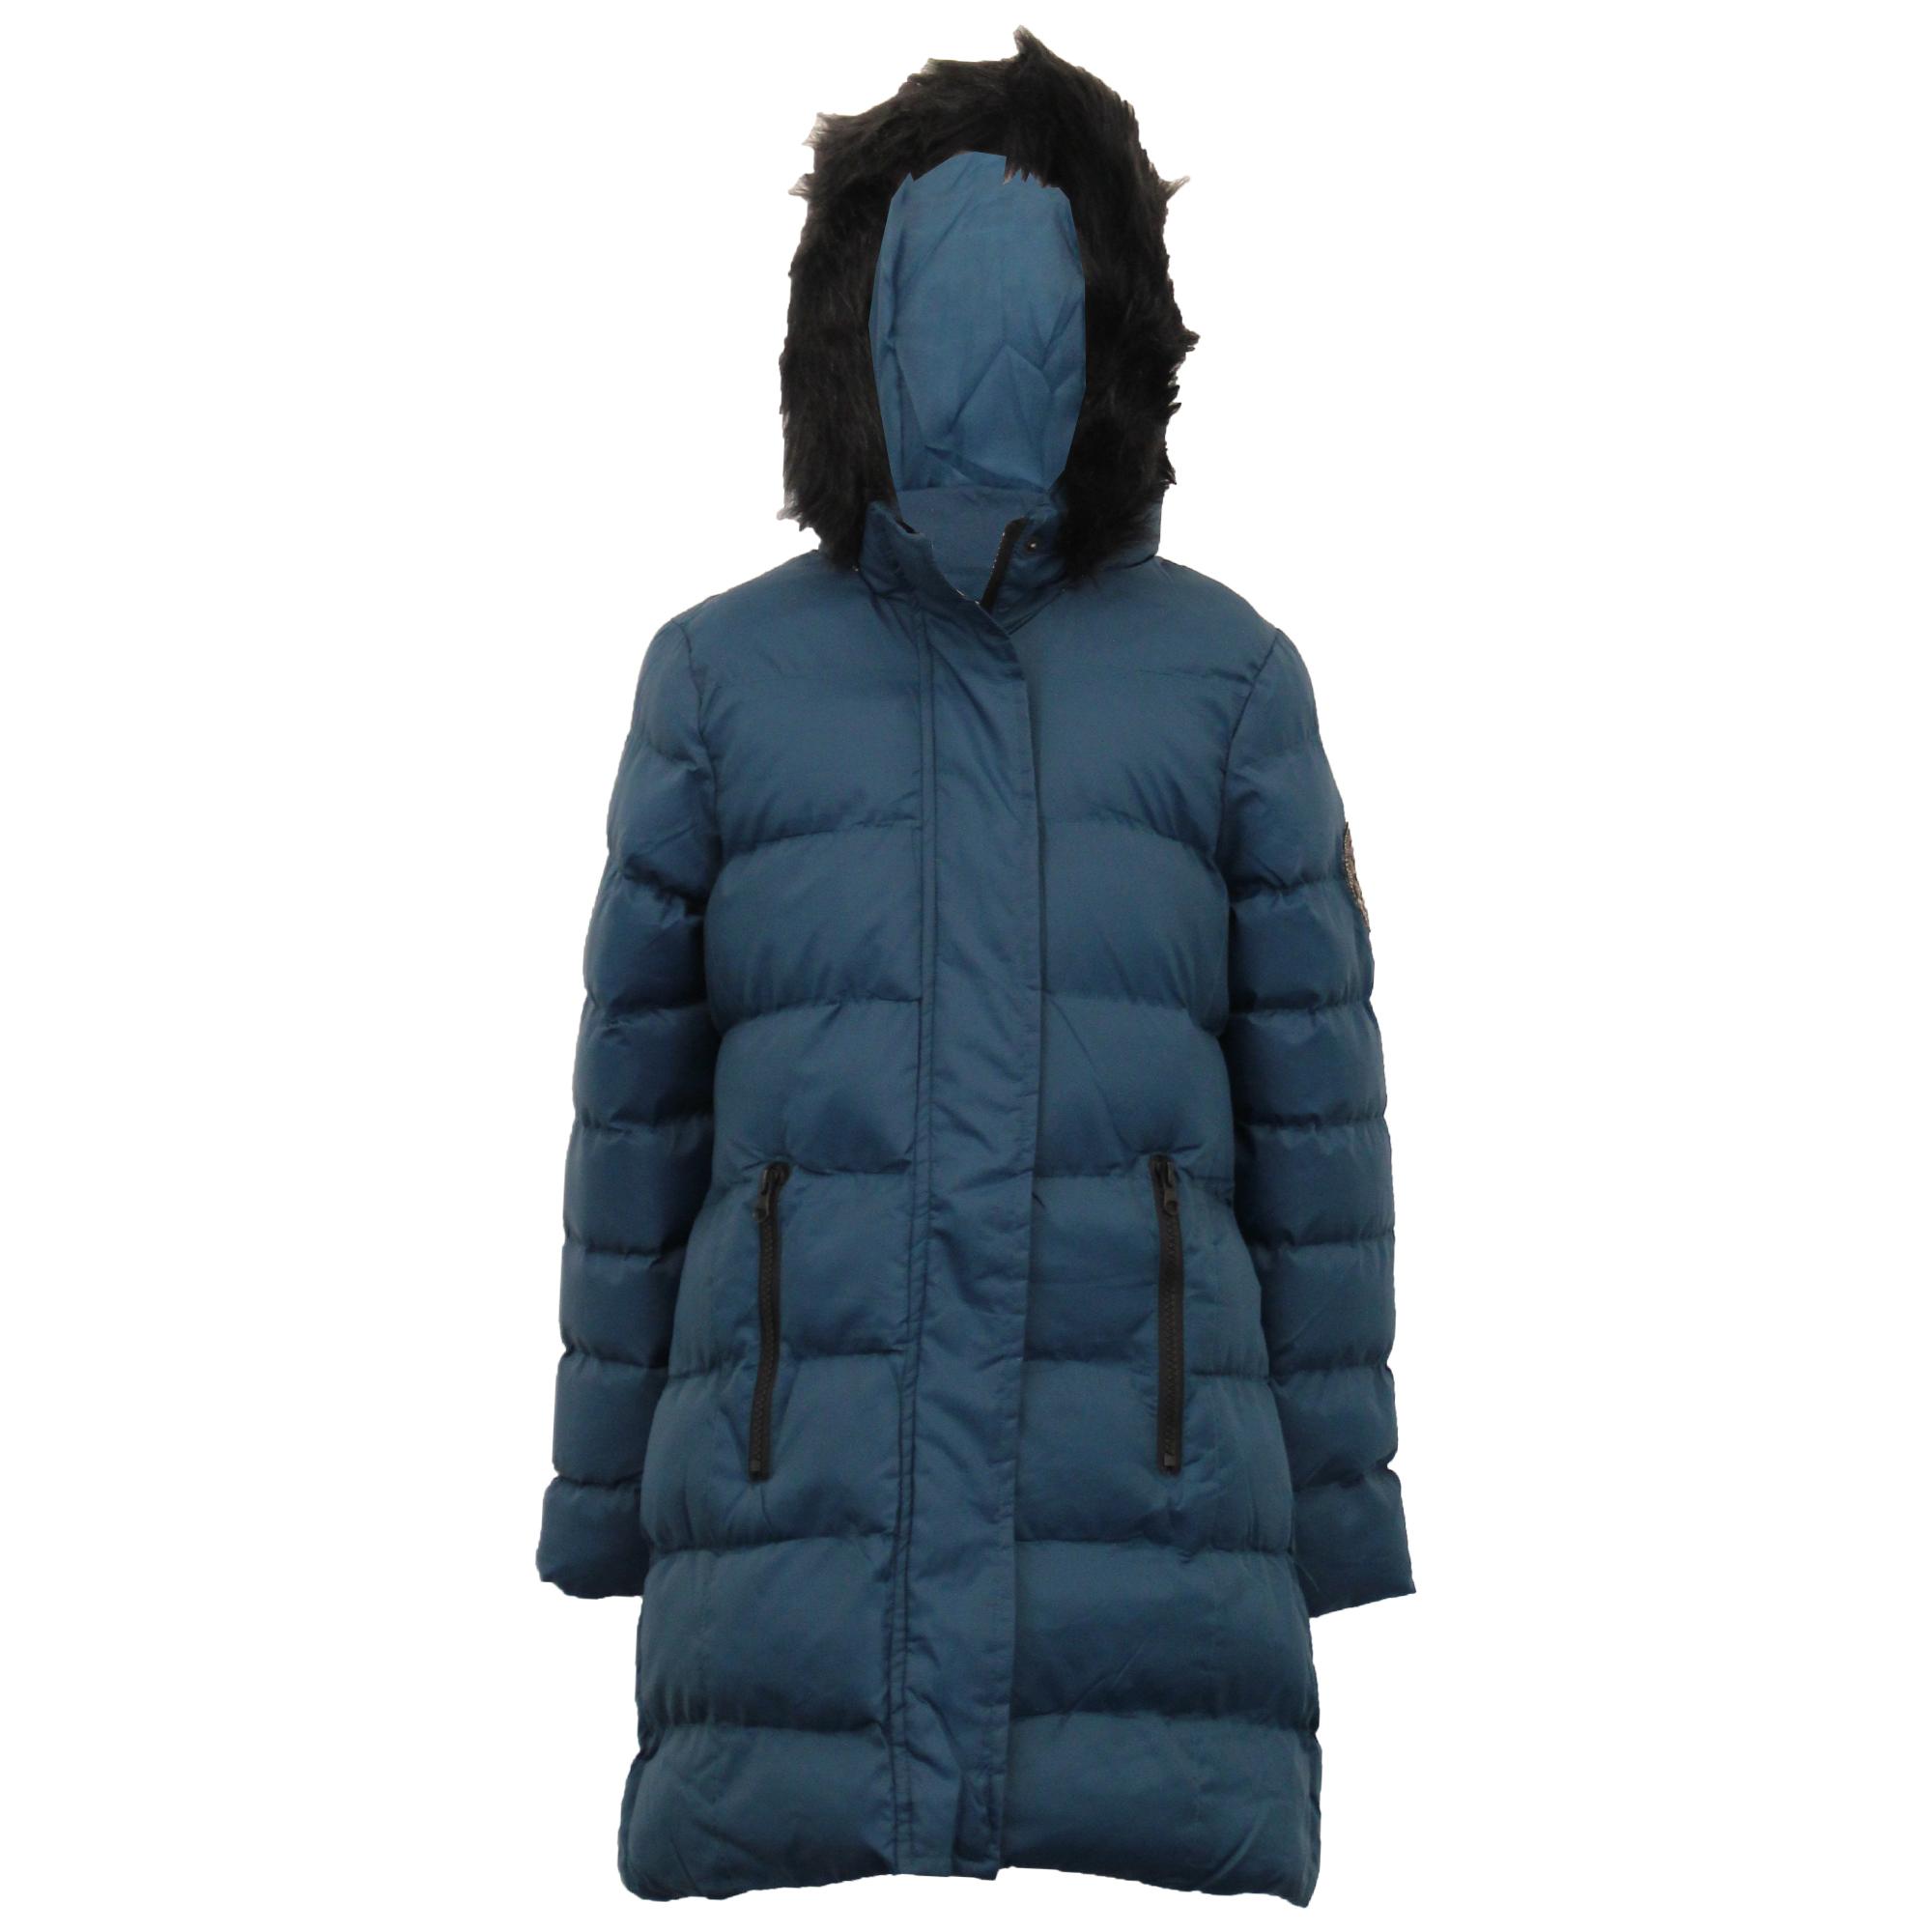 Le-ragazze-giacca-Lunga-Parka-BUBBLE-Brave-Soul-Bambini-Felpa-Con-Cappuccio-Cappotto-Imbottito miniatura 8